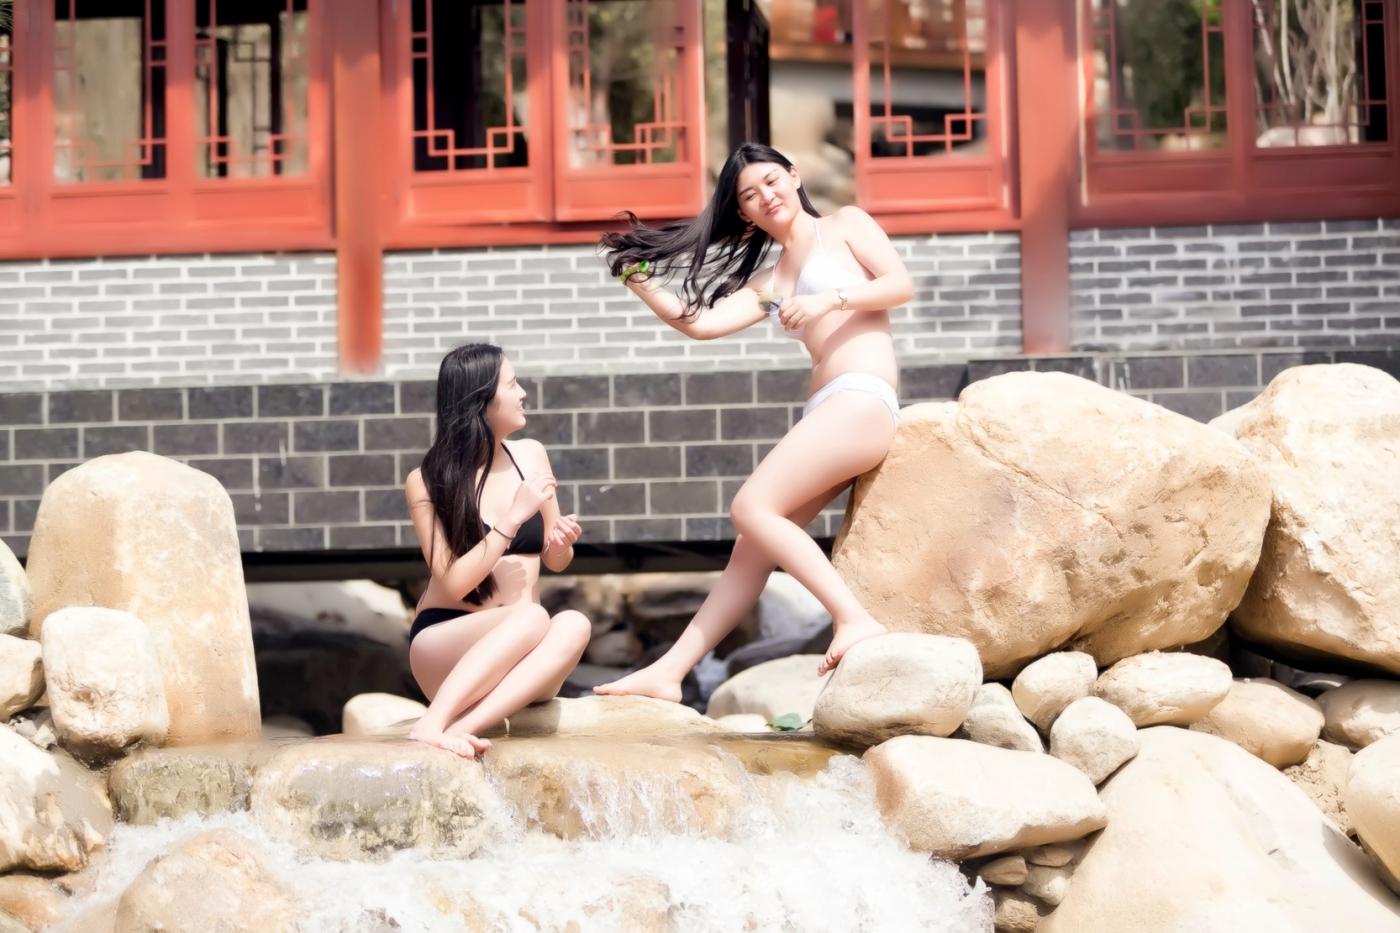 在临沂蒙山康谷温泉 与22位泳装女孩相遇在这里_图1-29